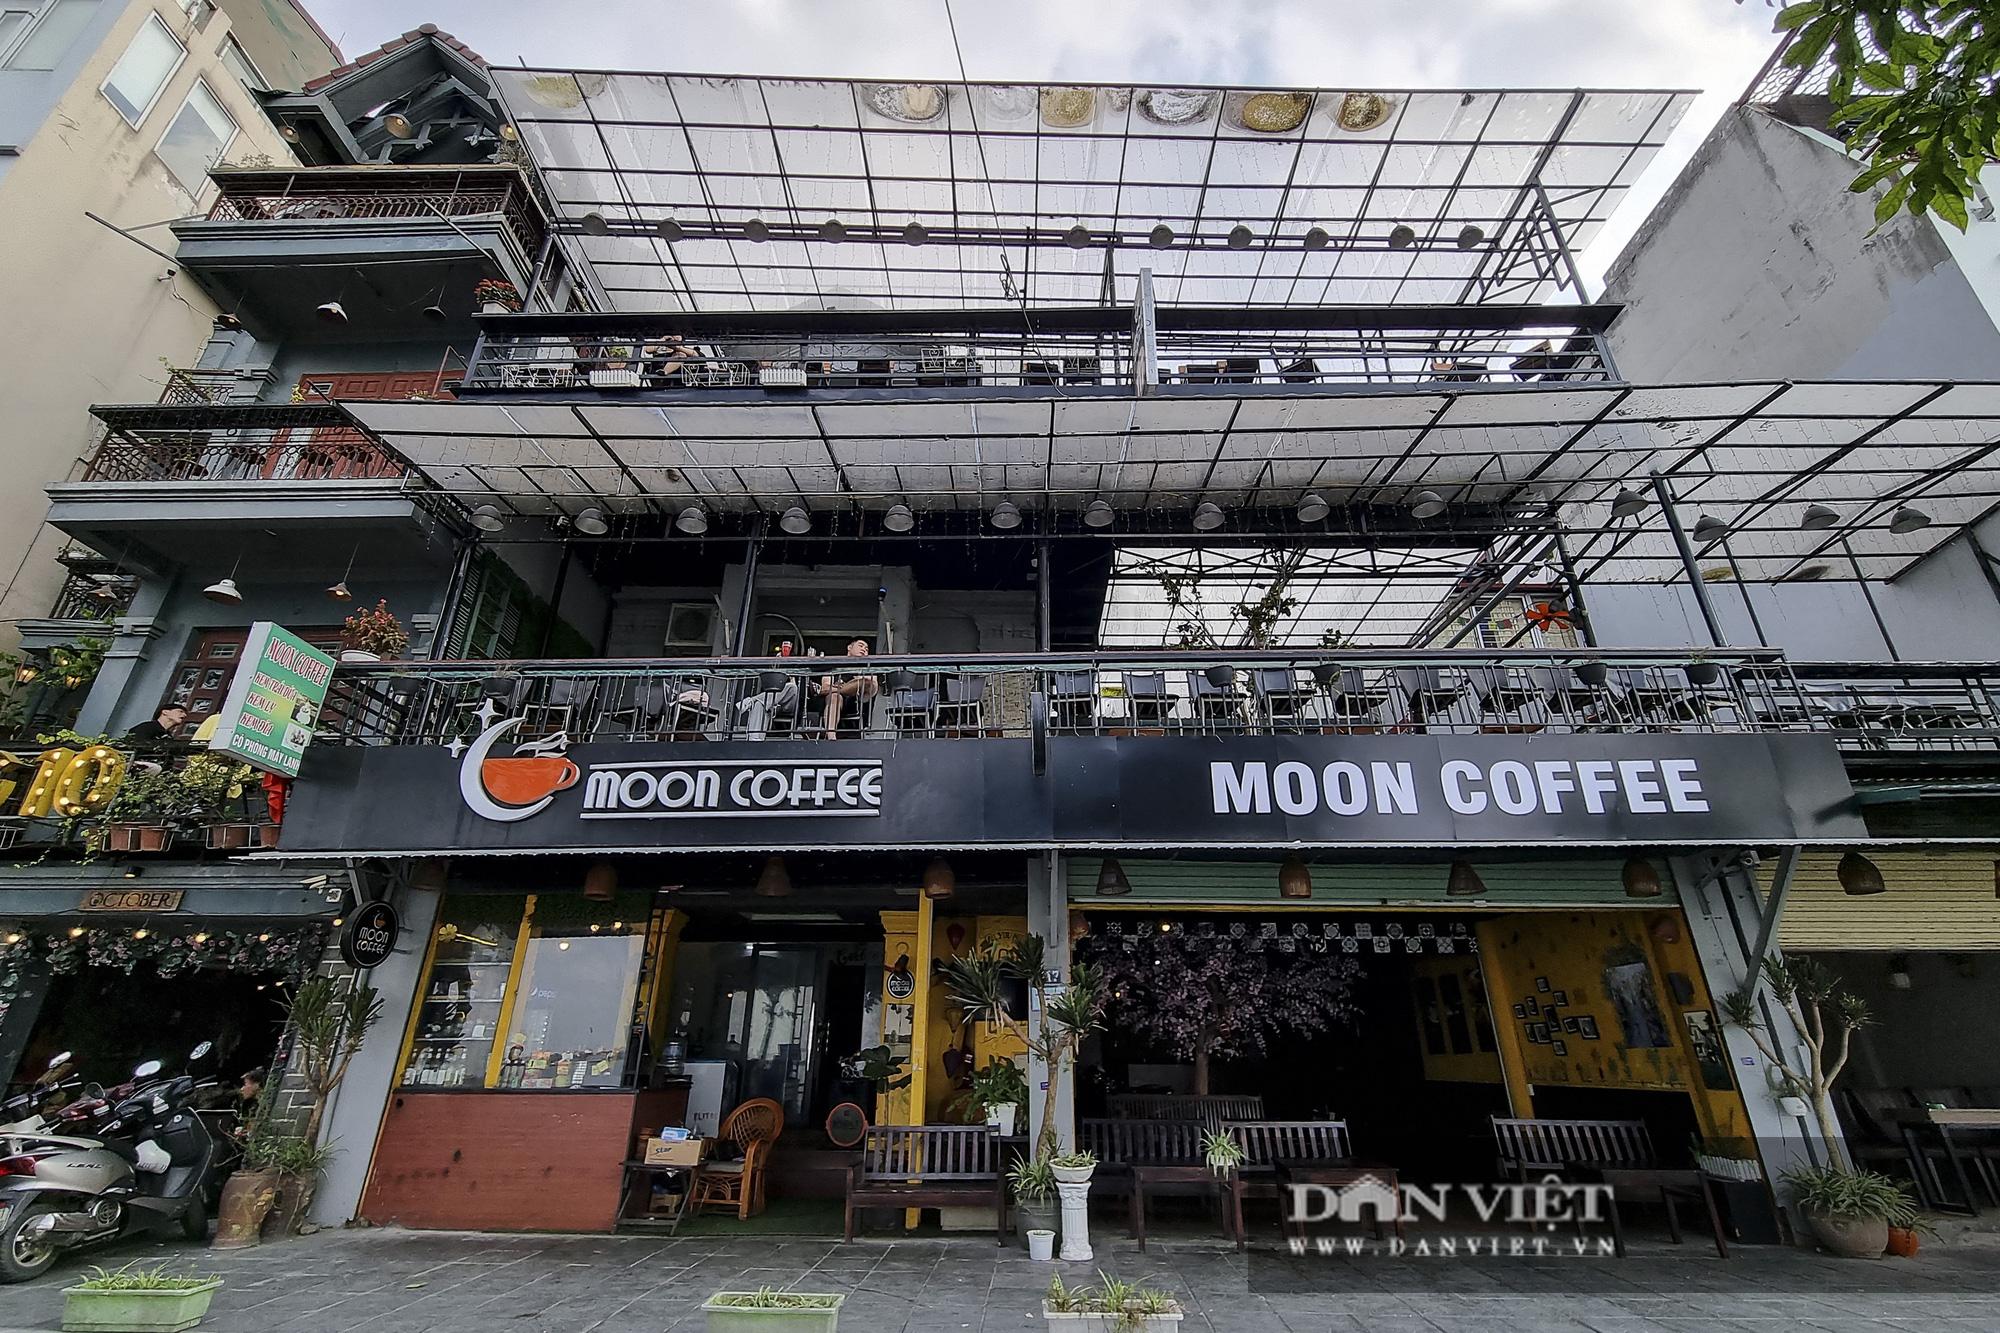 Hà Nội: Nhà hàng, quán cà phê, trà đá vỉa hè nơi chấp hành tốt, nơi vẫn ngang nhiên hoạt động  - Ảnh 6.